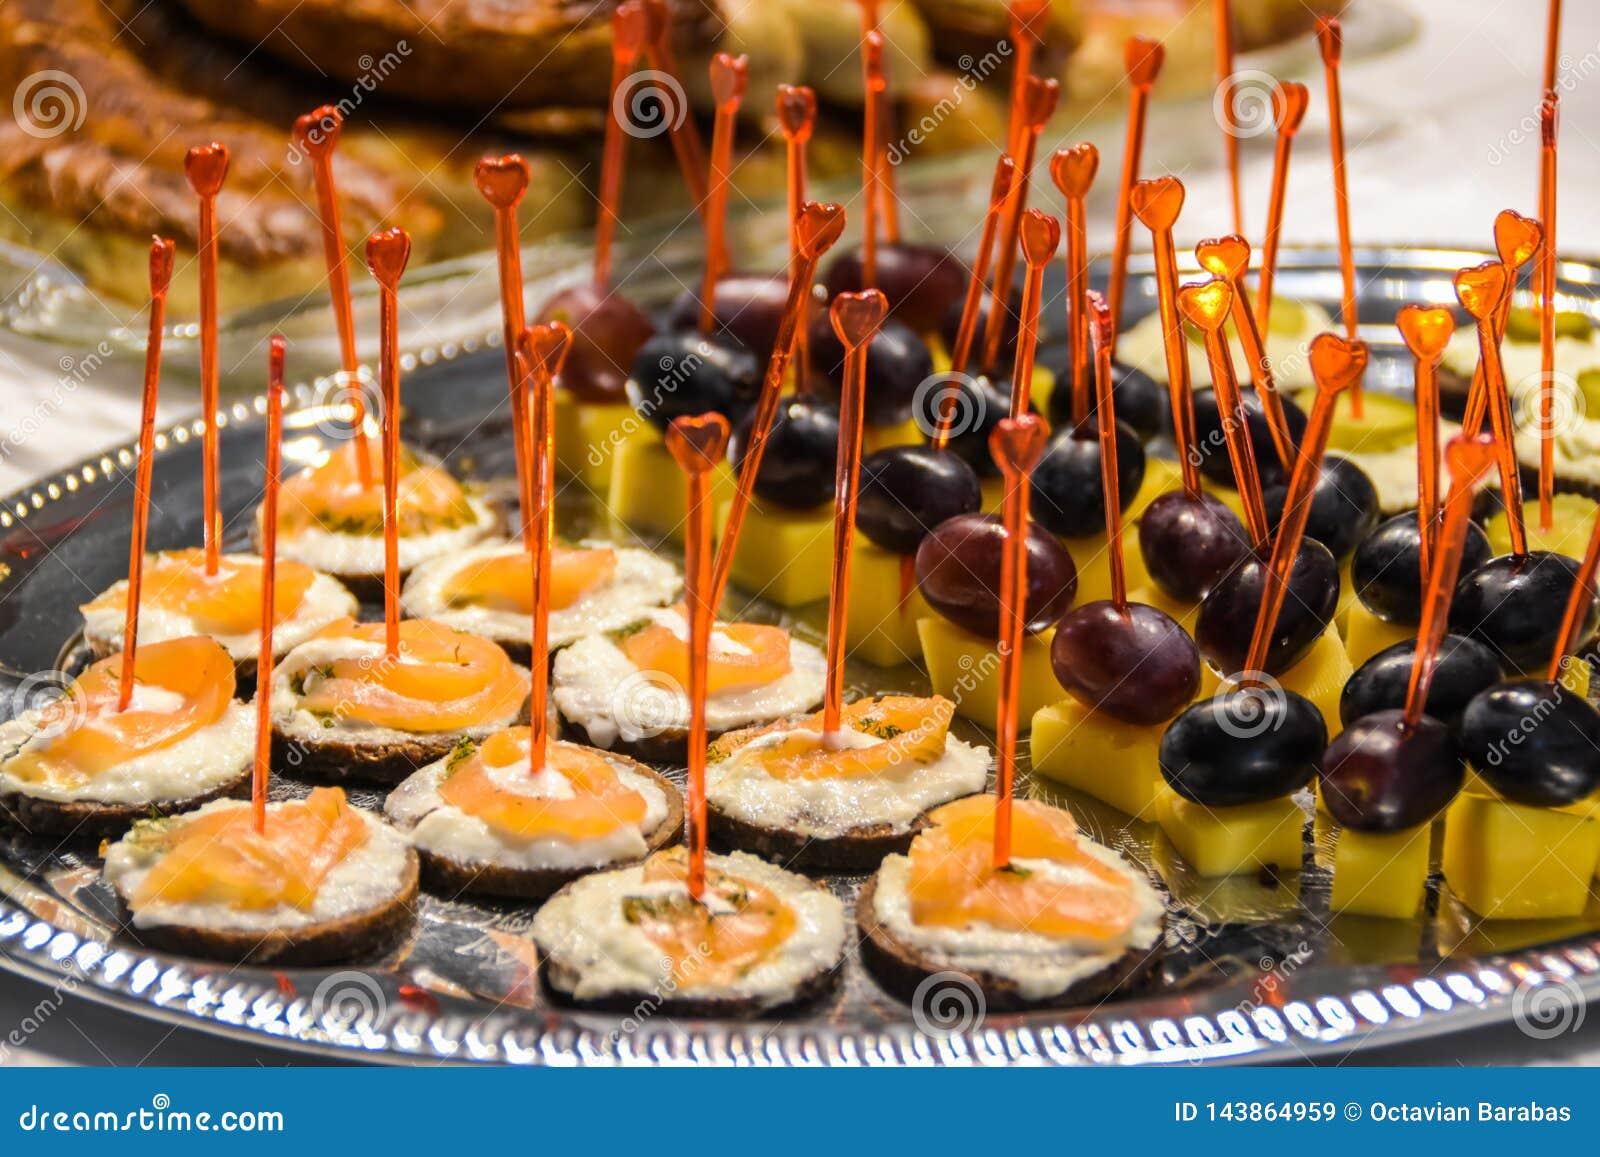 Νόστιμα ορεκτικά με το τυρί και ψάρια και σταφύλια και το τυρί στην ασημένια πιατέλα